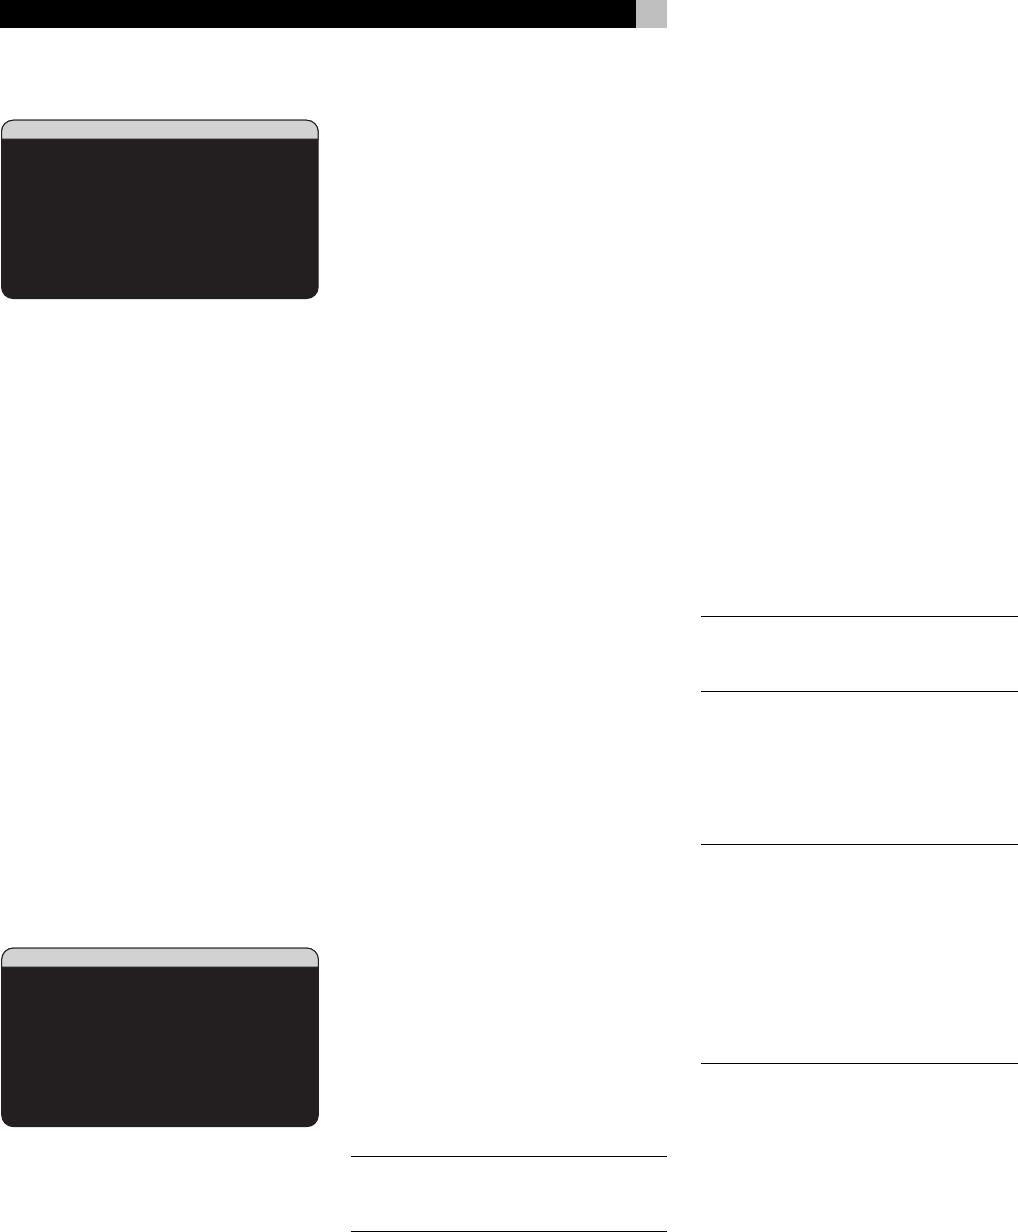 Handleiding Rotel Rsx 1056 Pagina 36 Van 46 English Subwoofer Wiring Diagram